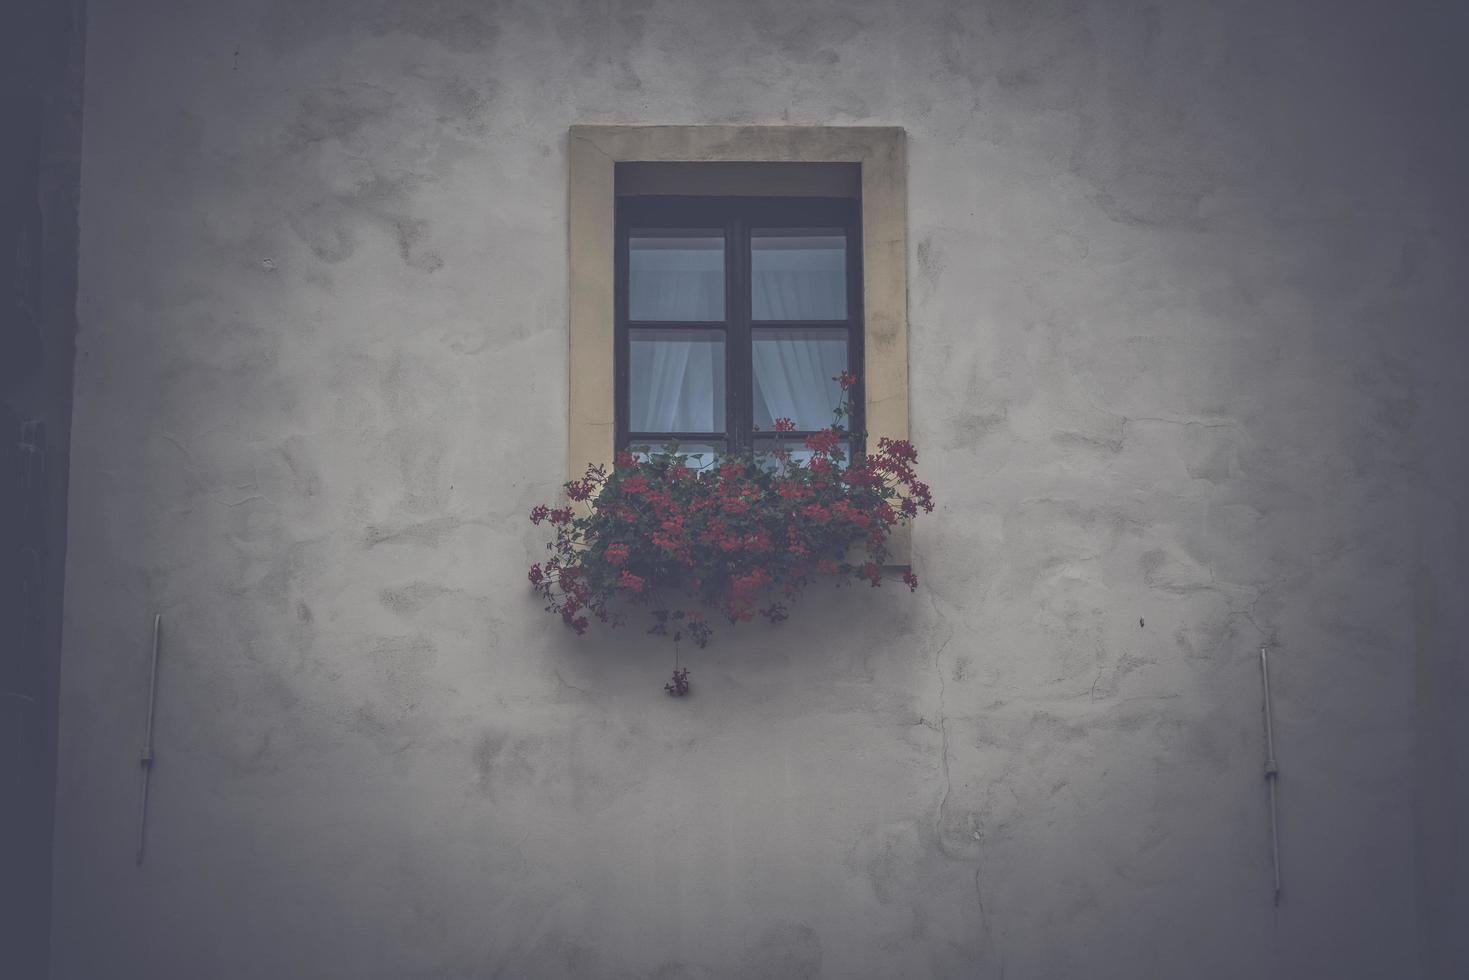 fönster med blommor i låda foto